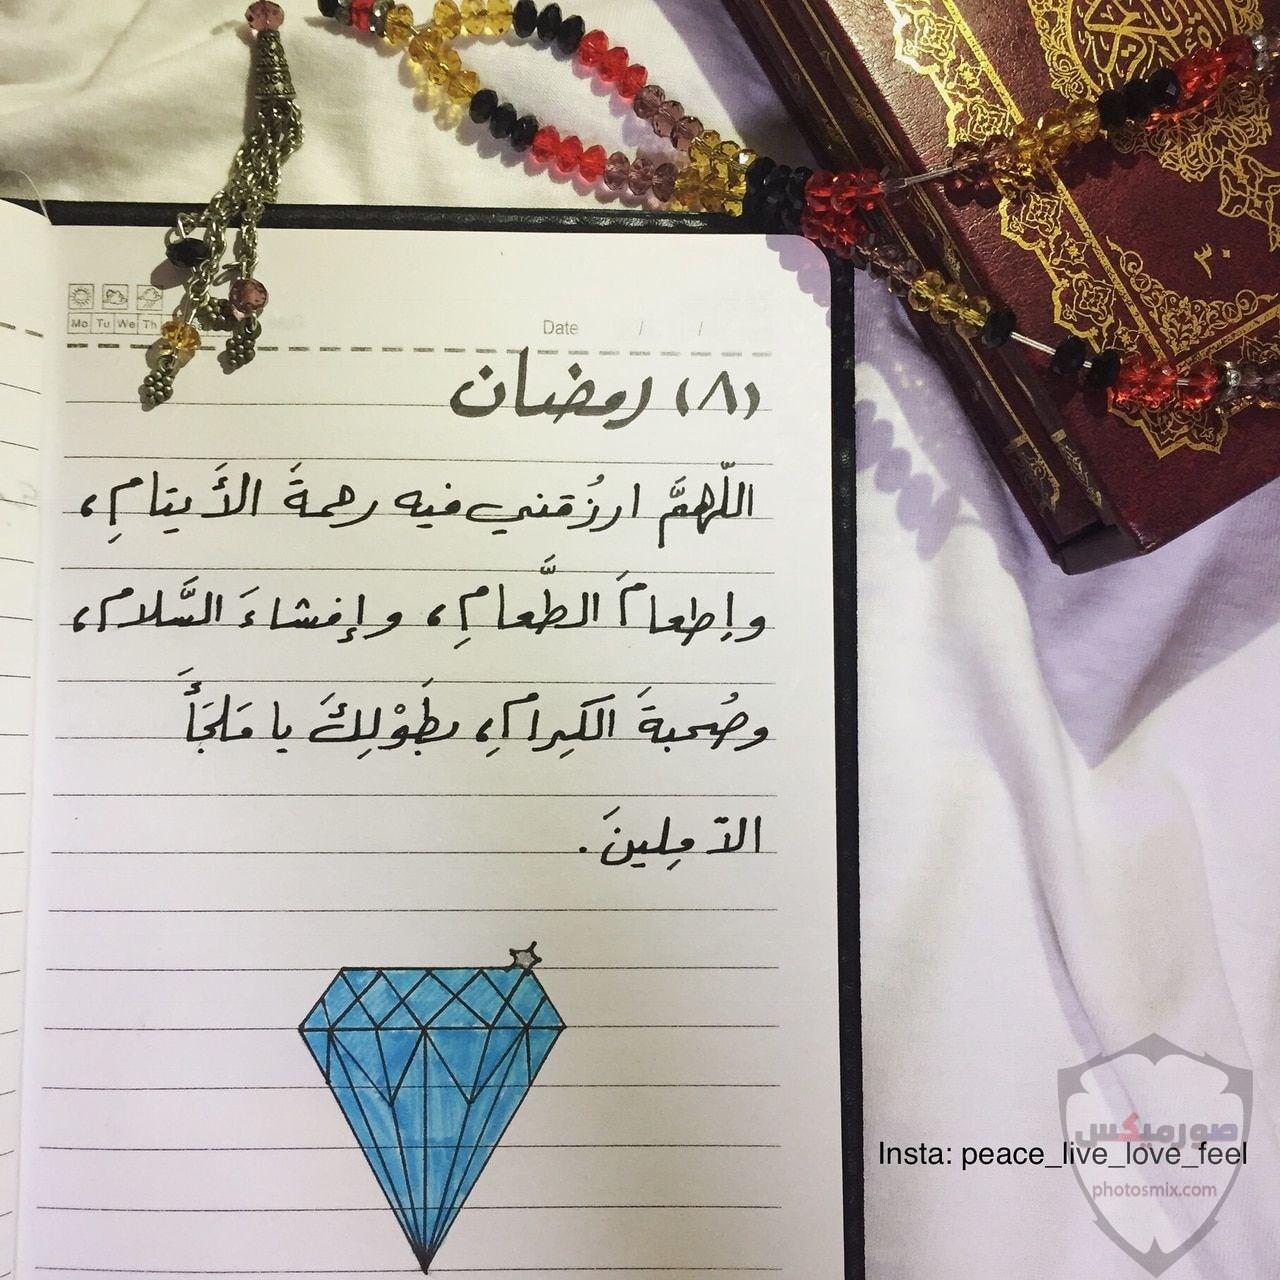 صور قرآن جميلة صور دعاء ادعية مصور صور وخلفيات مكتوب عليها الله 18